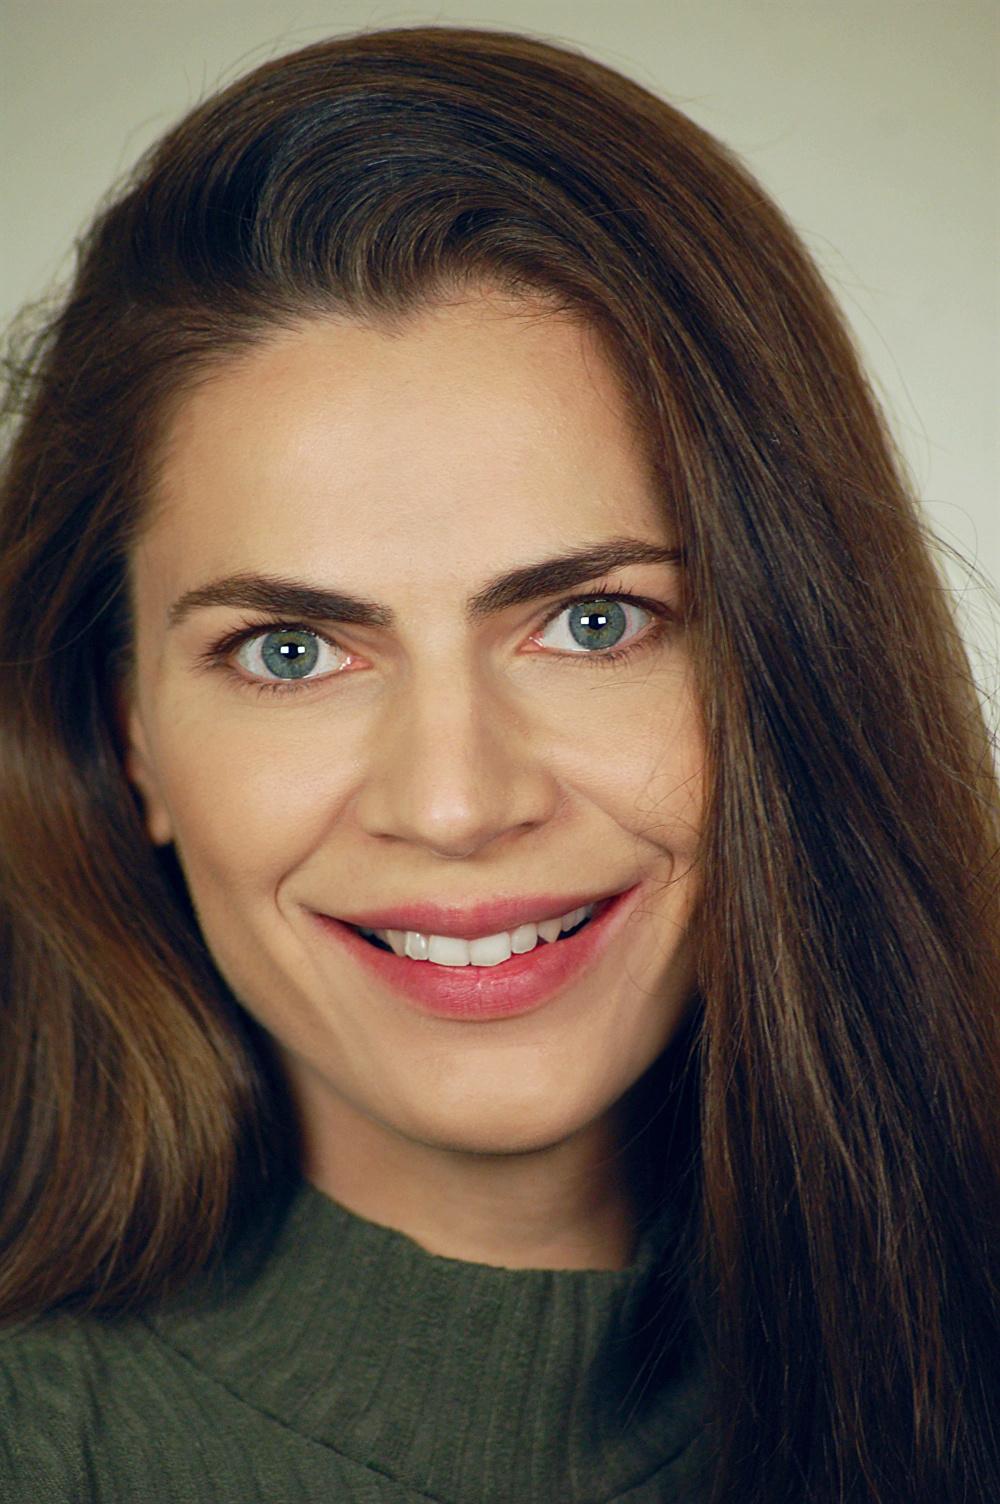 Наталья дедейко работа интернет девушка модель отзывы